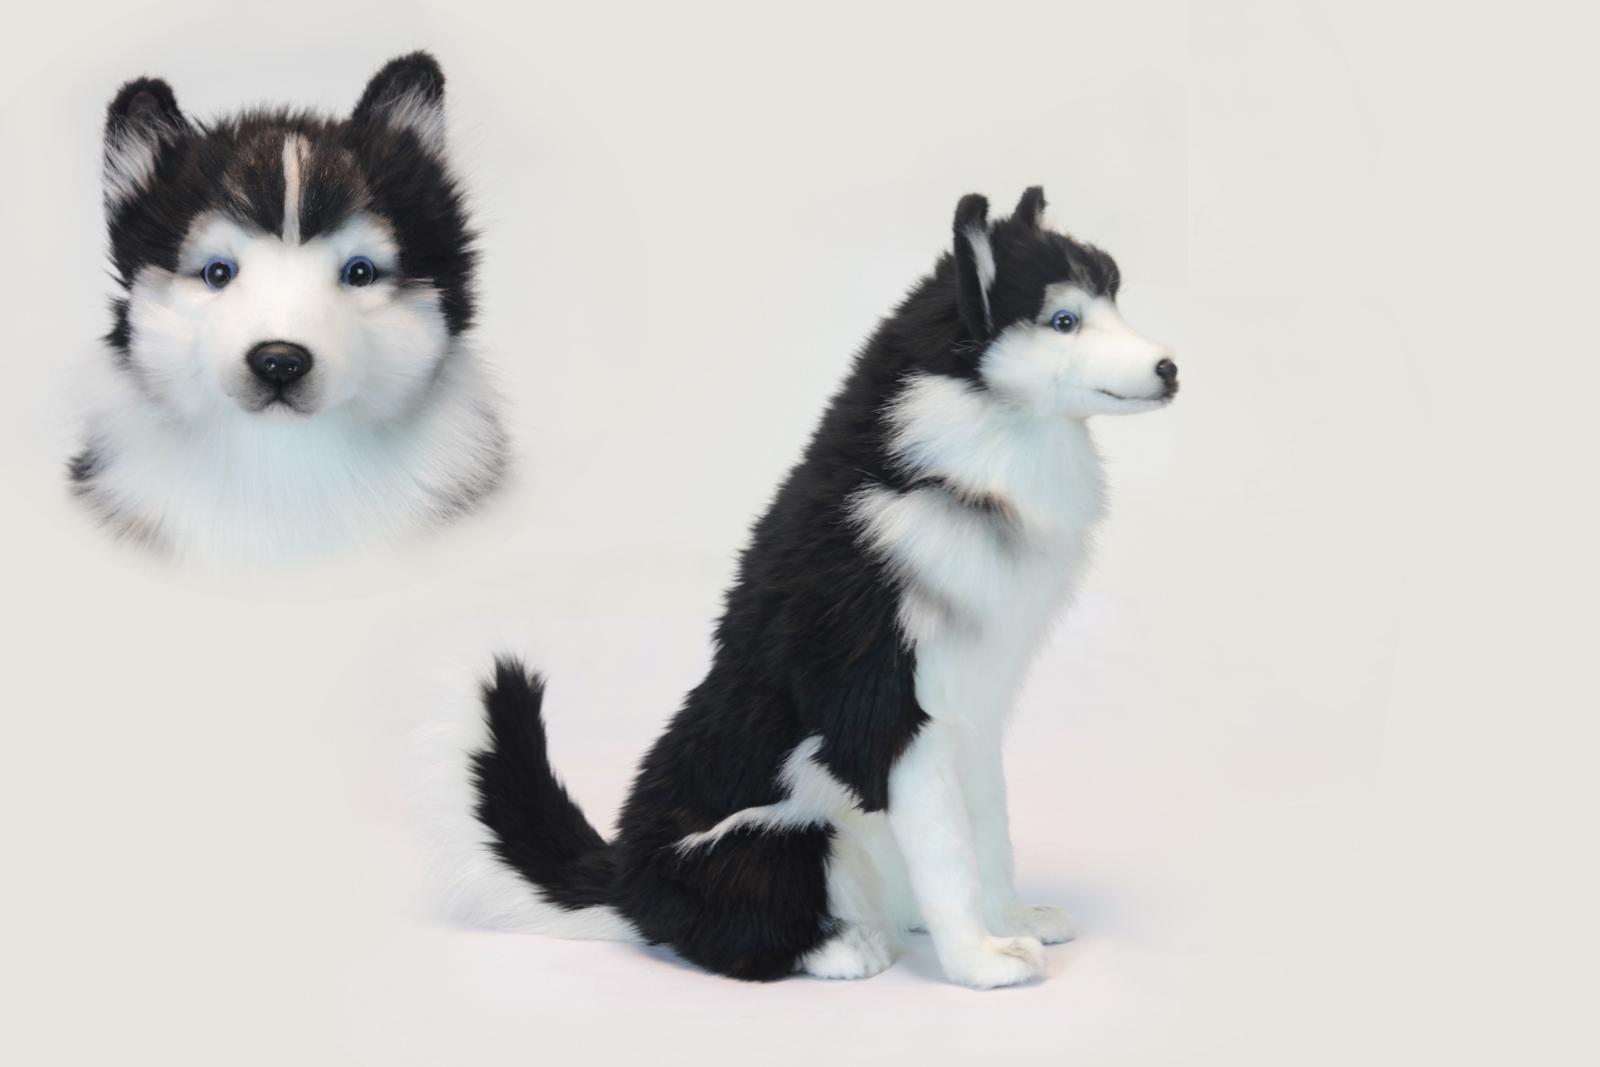 Мягкая игрушка - Хаски сидящая, 37 см.Собаки<br>Мягкая игрушка - Хаски сидящая, 37 см.<br>